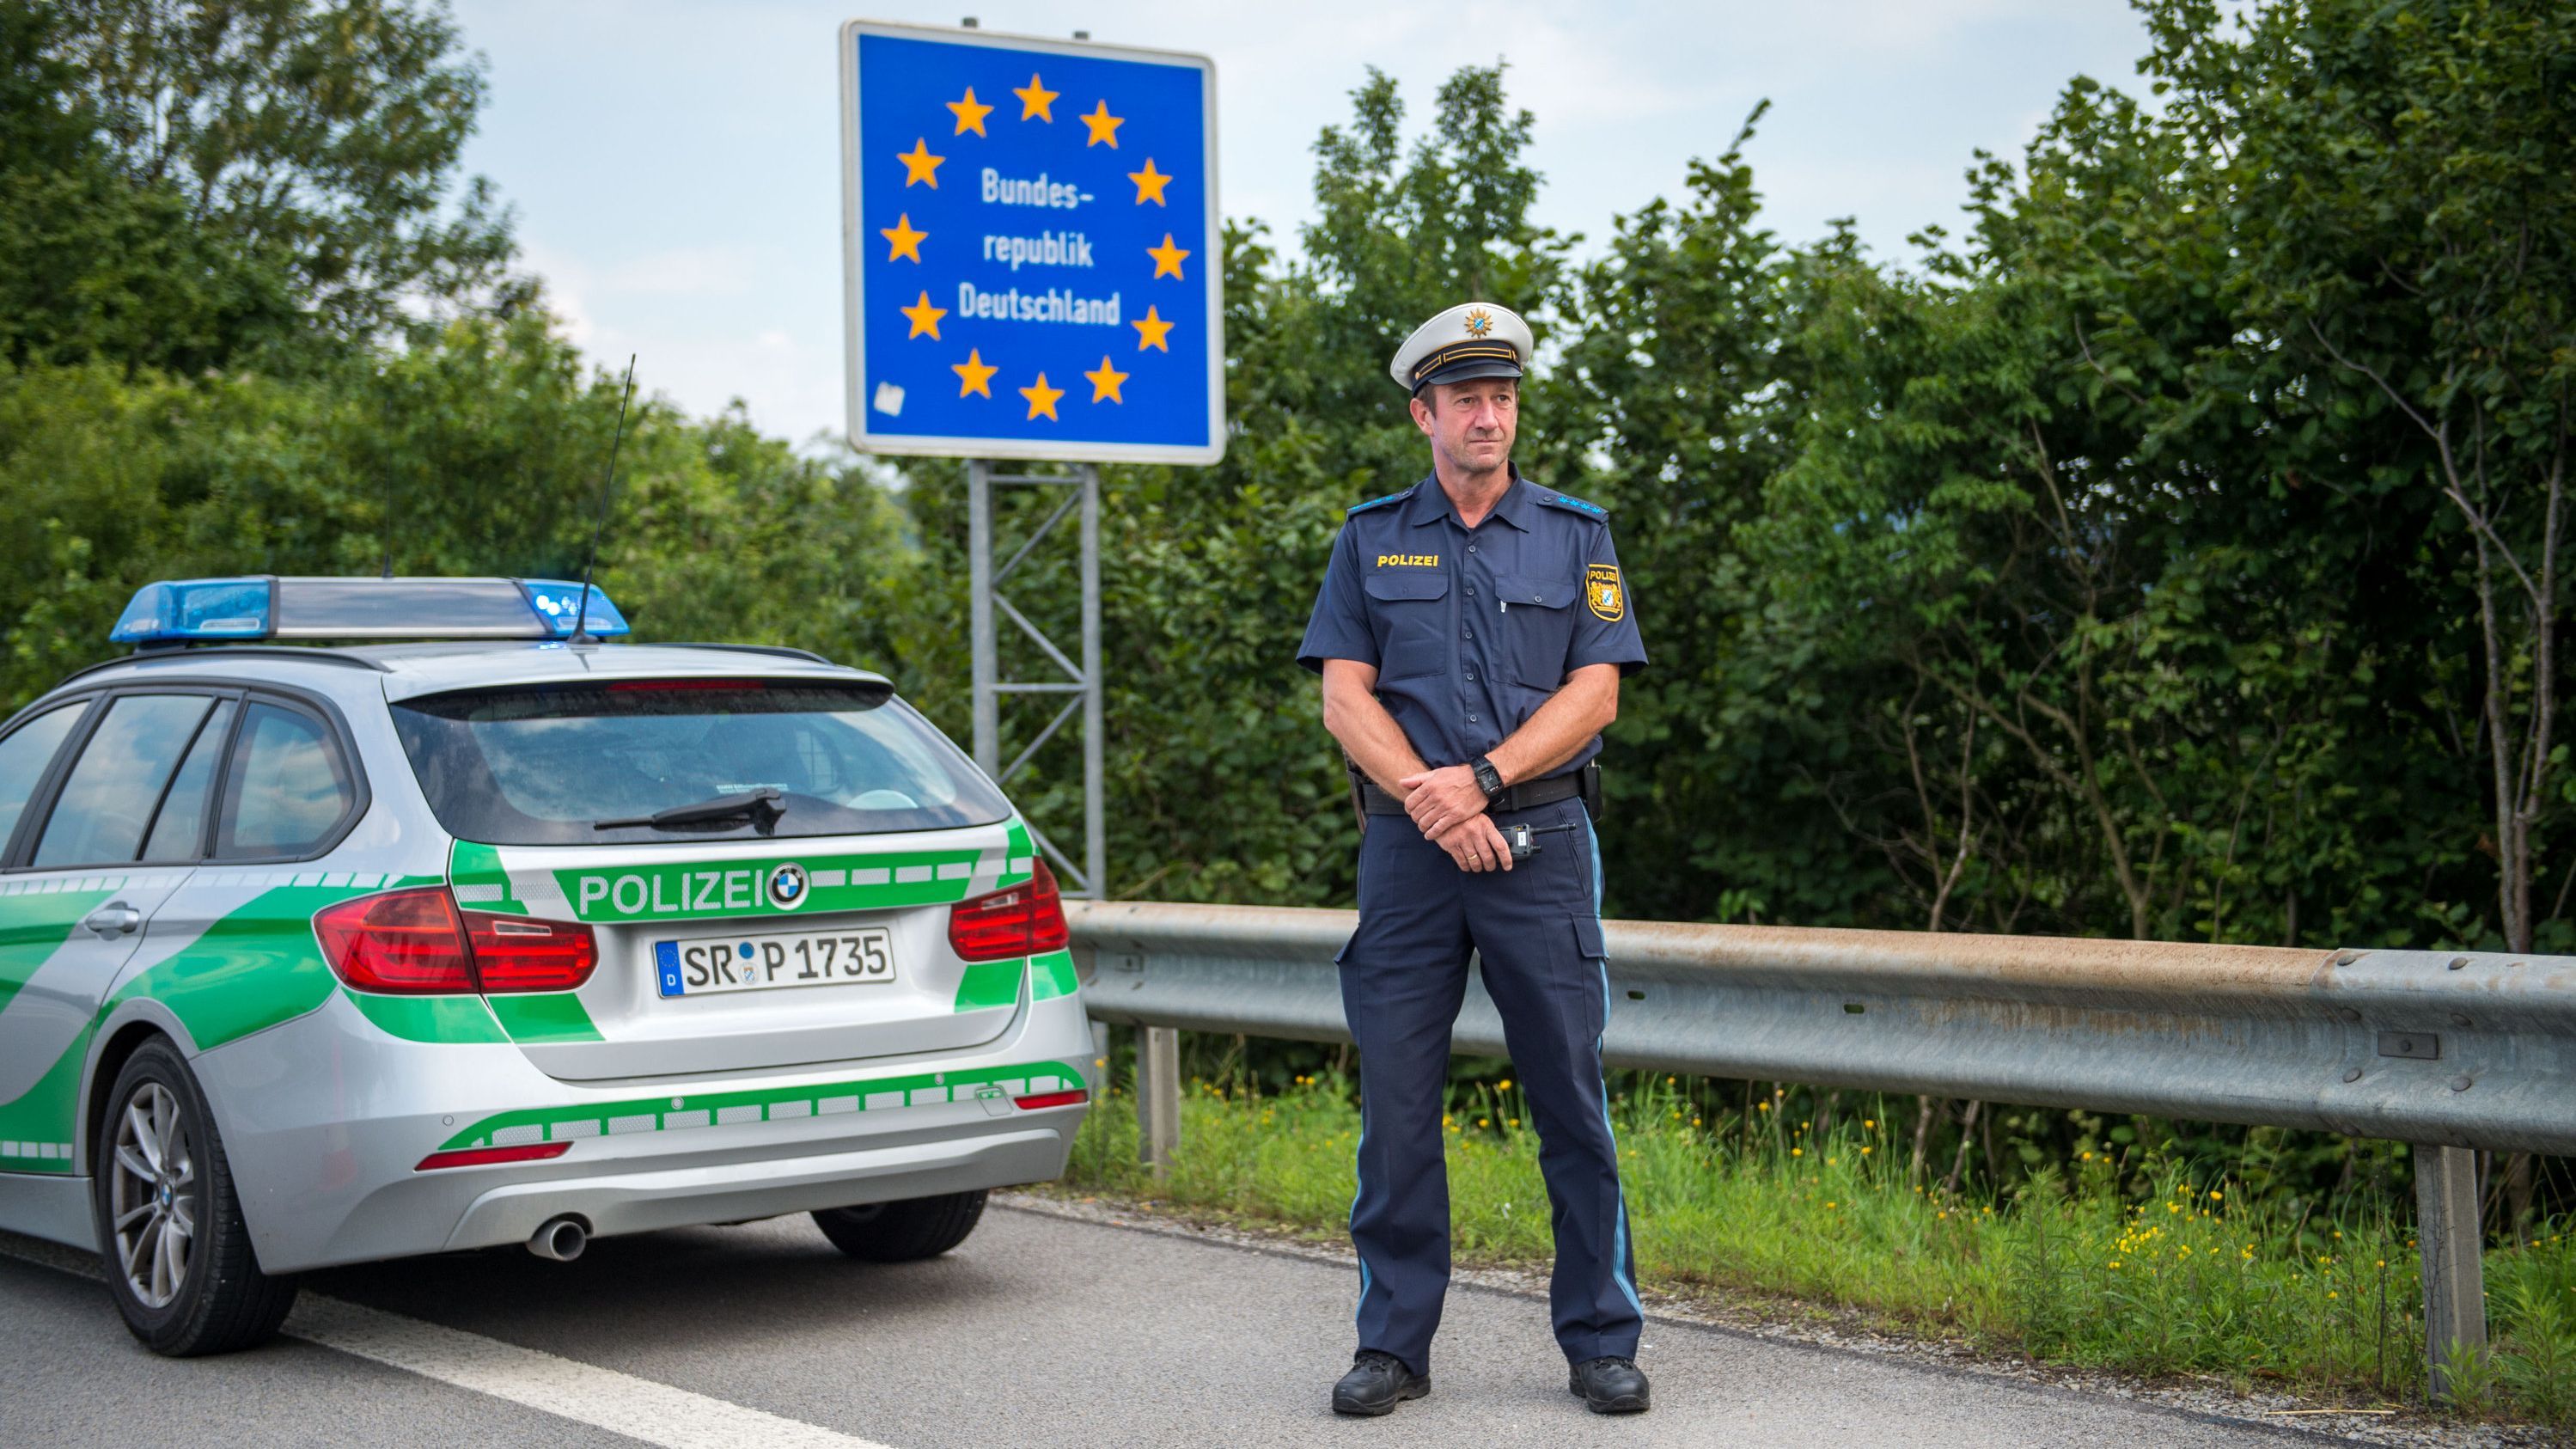 Archiv:  Ein Beamter der bayerischen Grenzpolizei steht am Grenzübergang Kirchdorf an der deutschen Staatsgrenze.